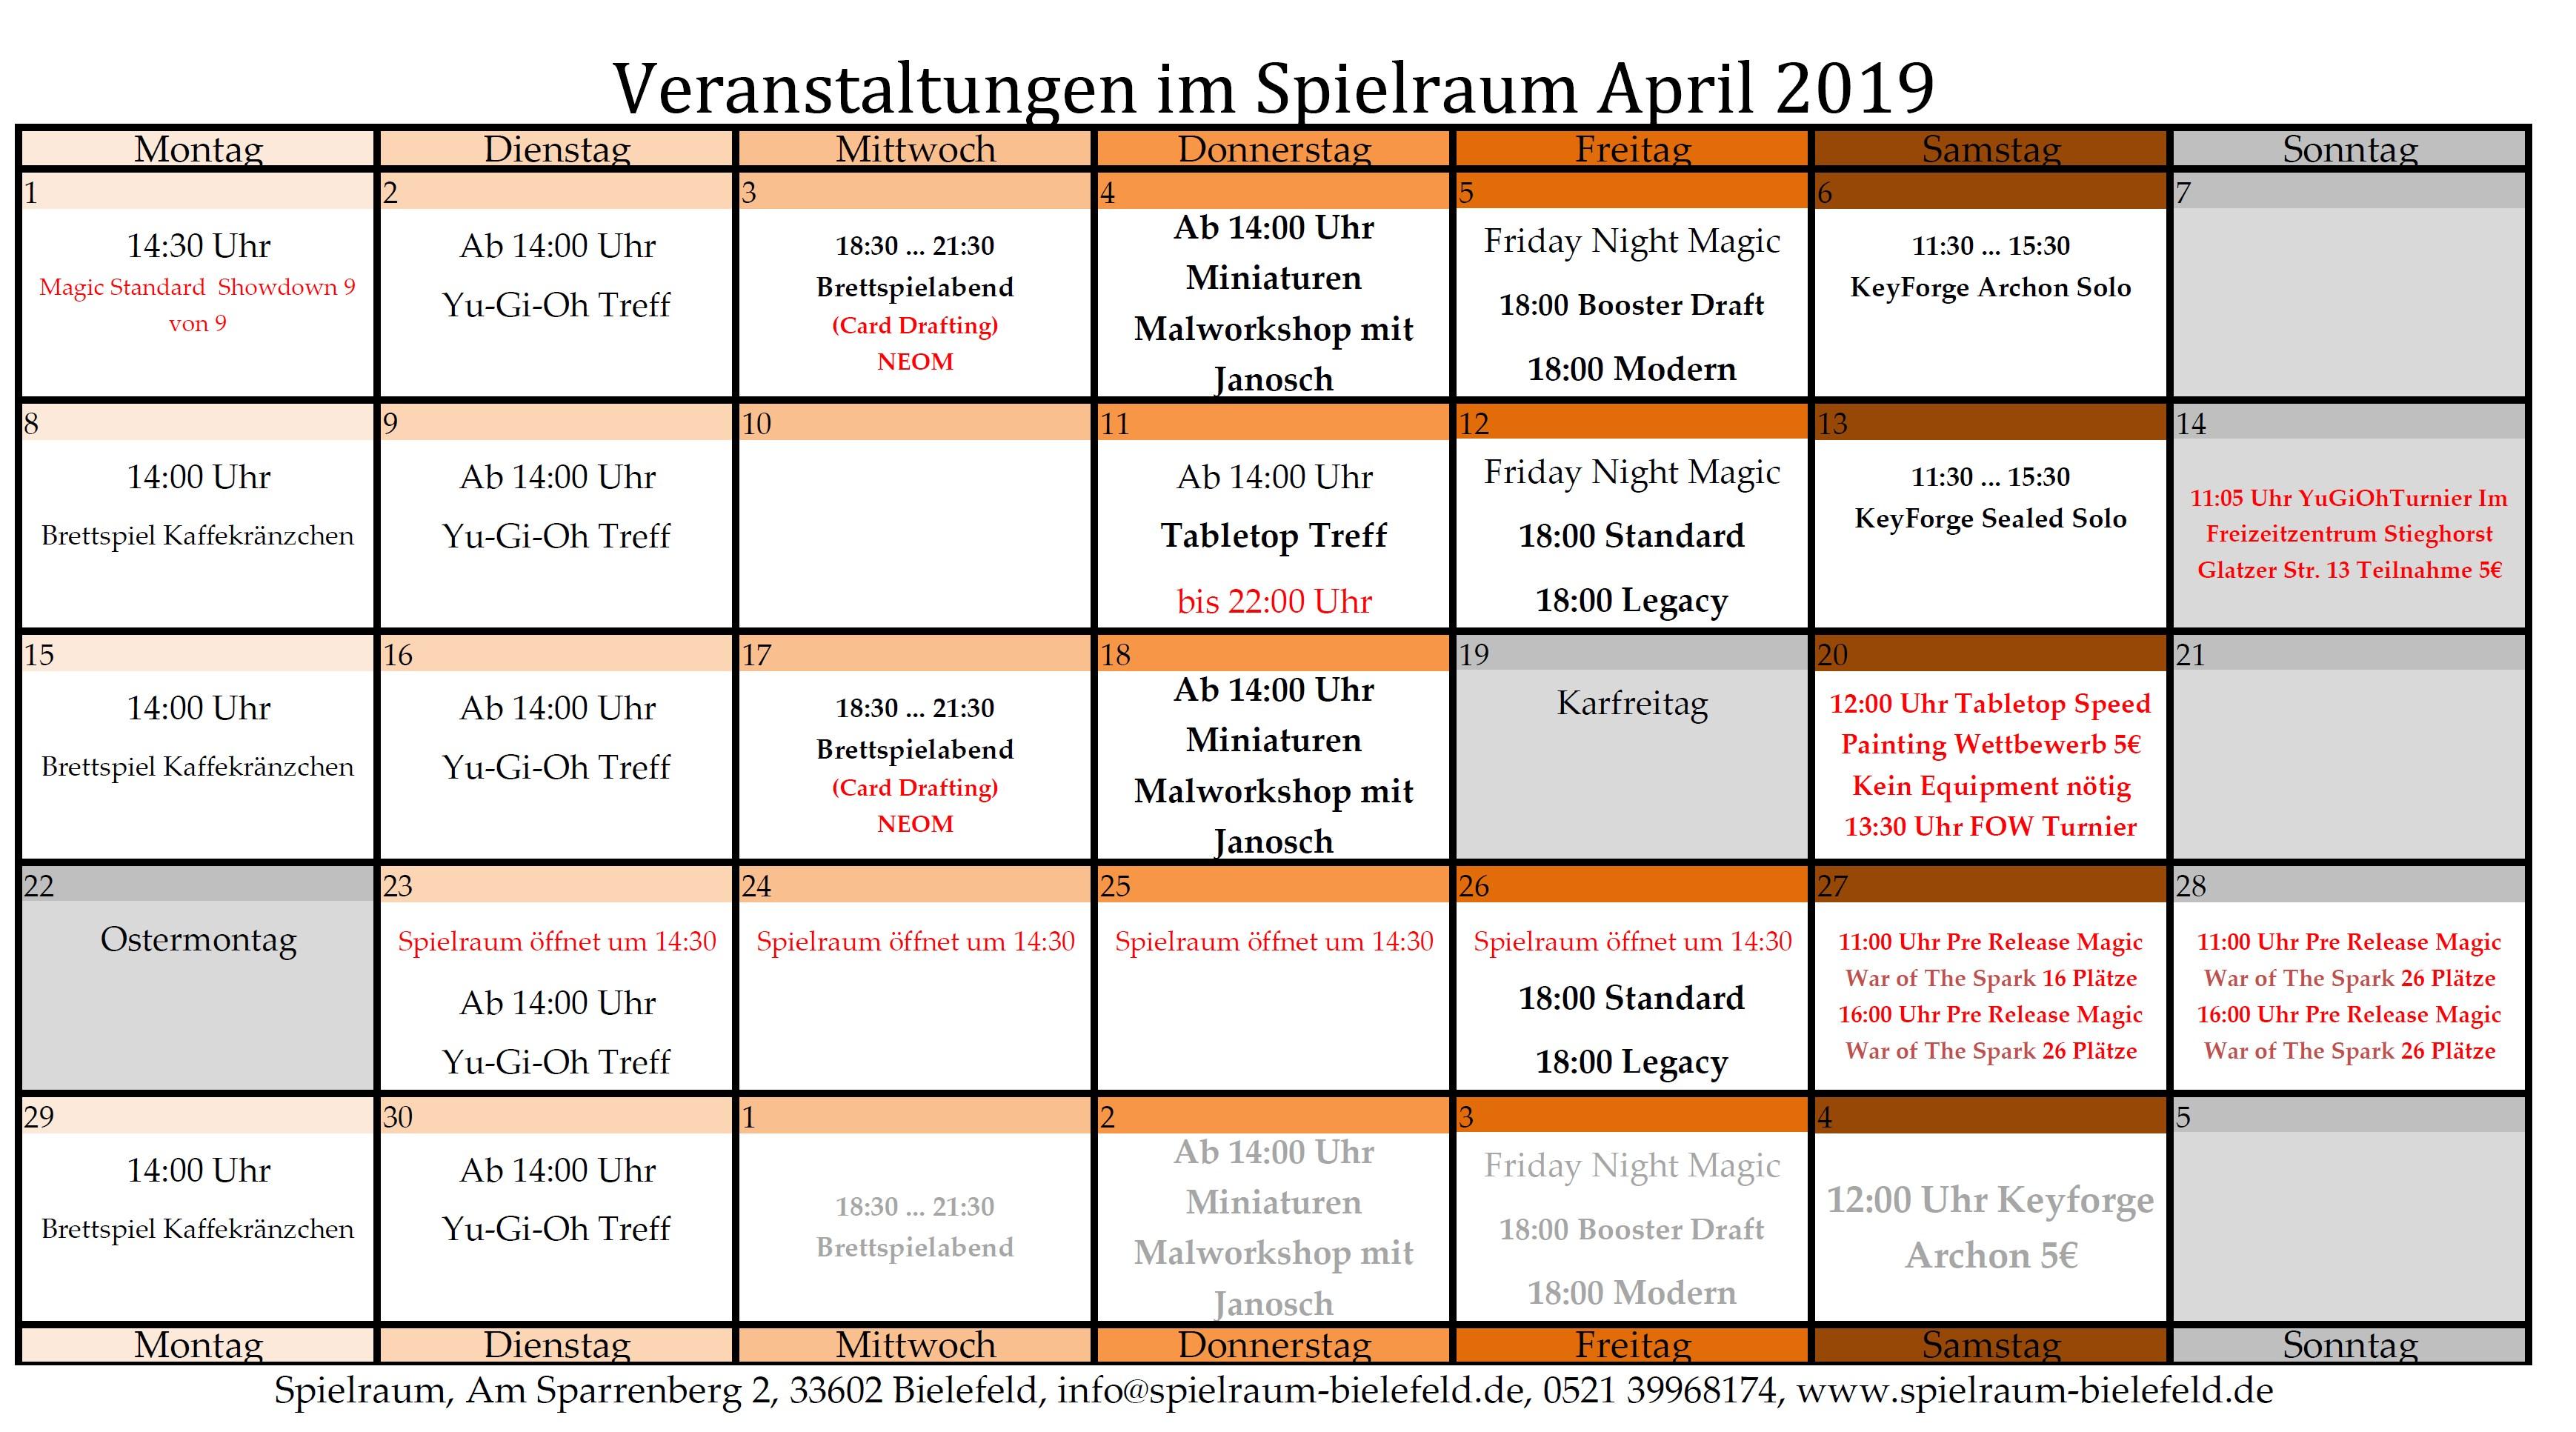 Monatsplan April 2019